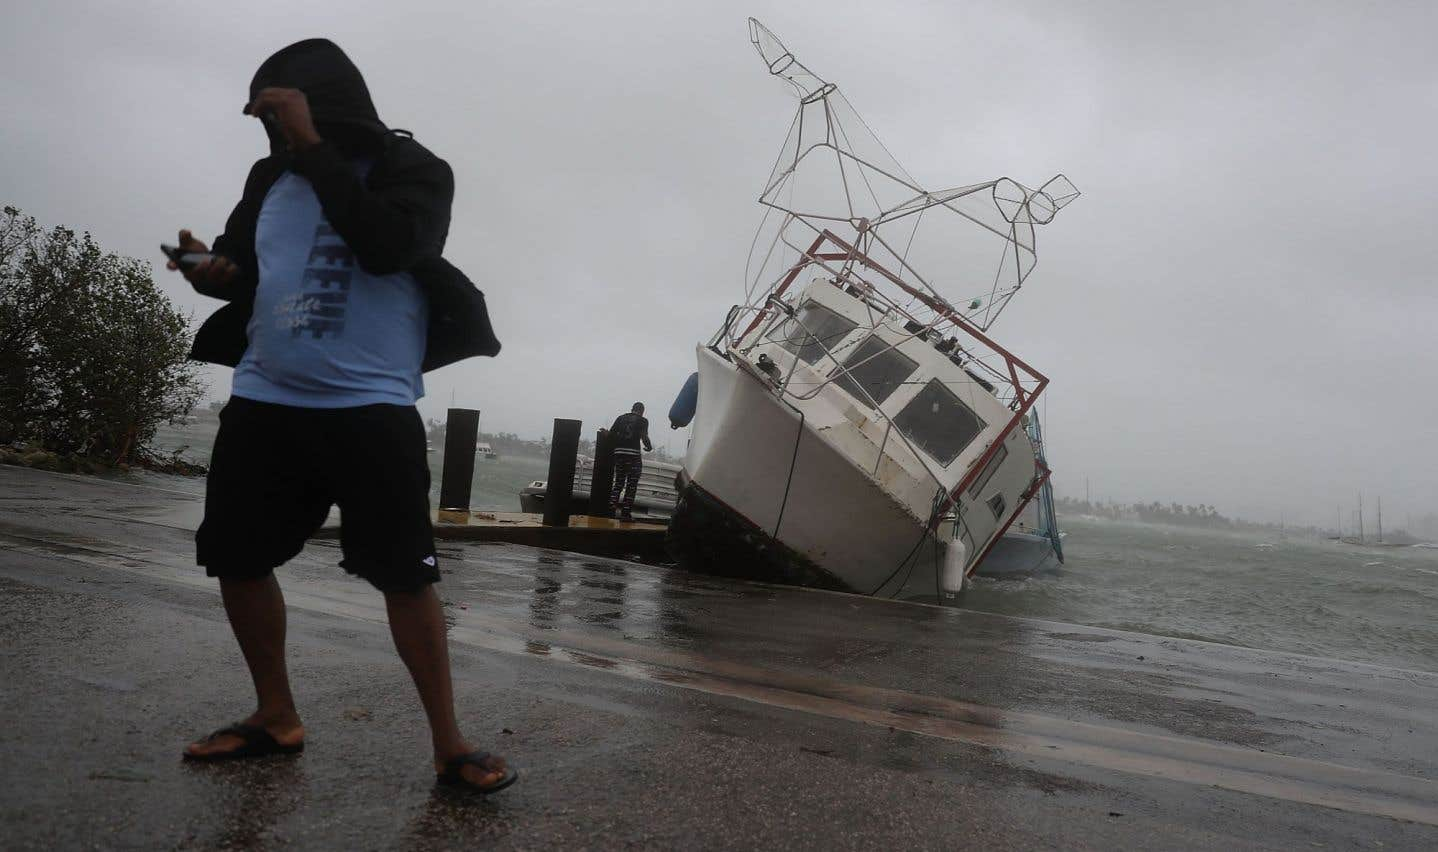 L'ouragan «Irma» a poursuivi sa route destructrice dimanche en atteignant la Floride.